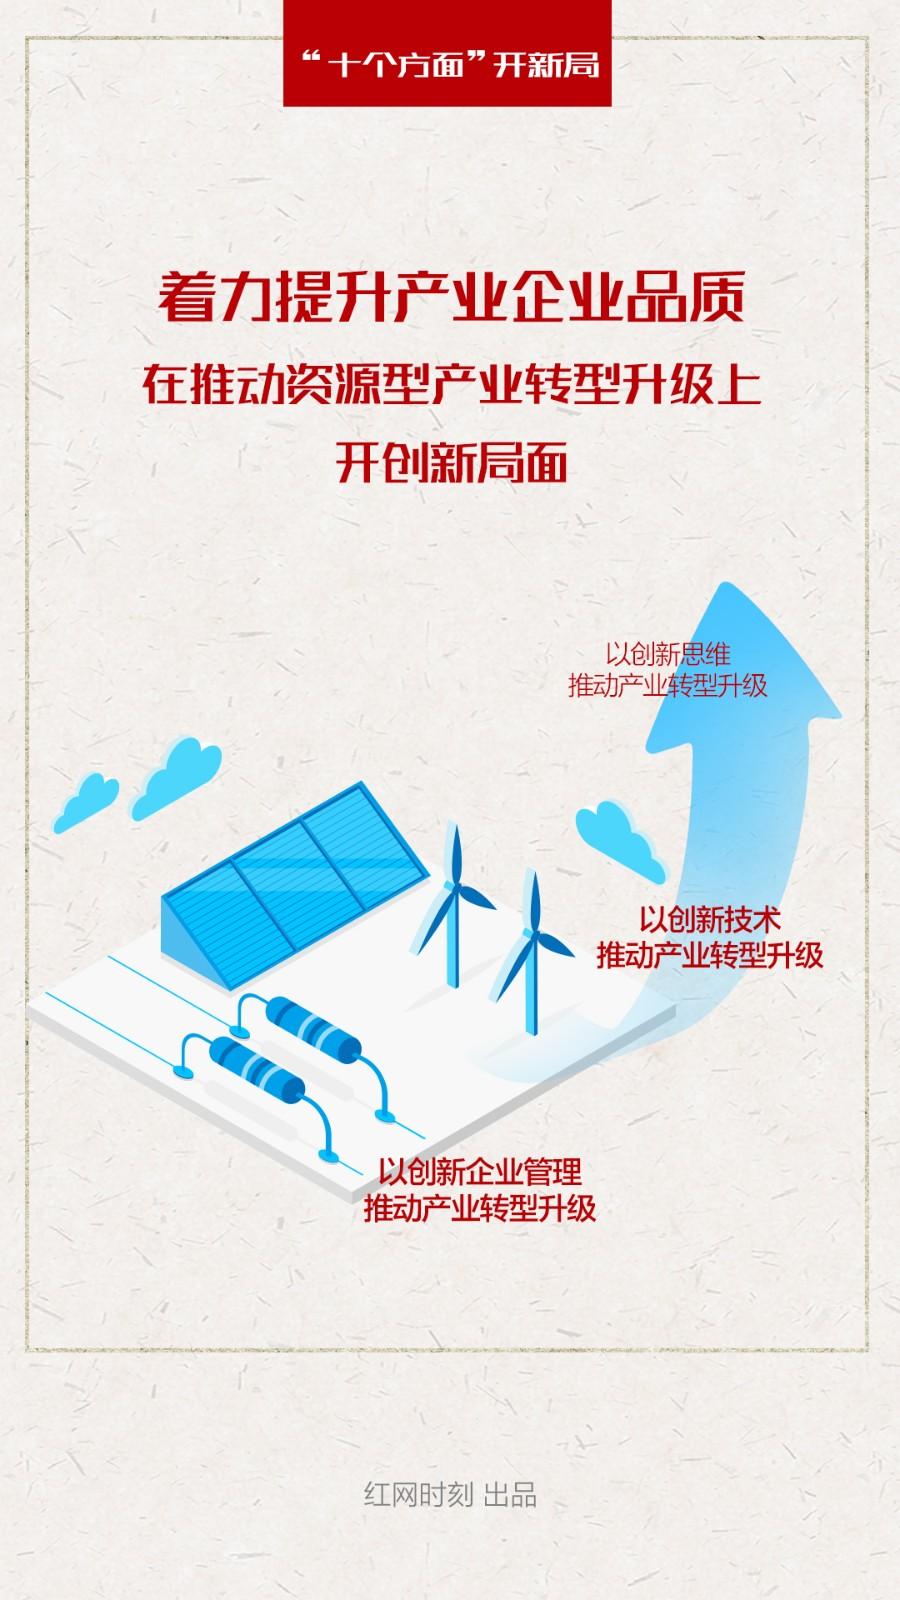 20201231十个重点海报设计稿006.jpg